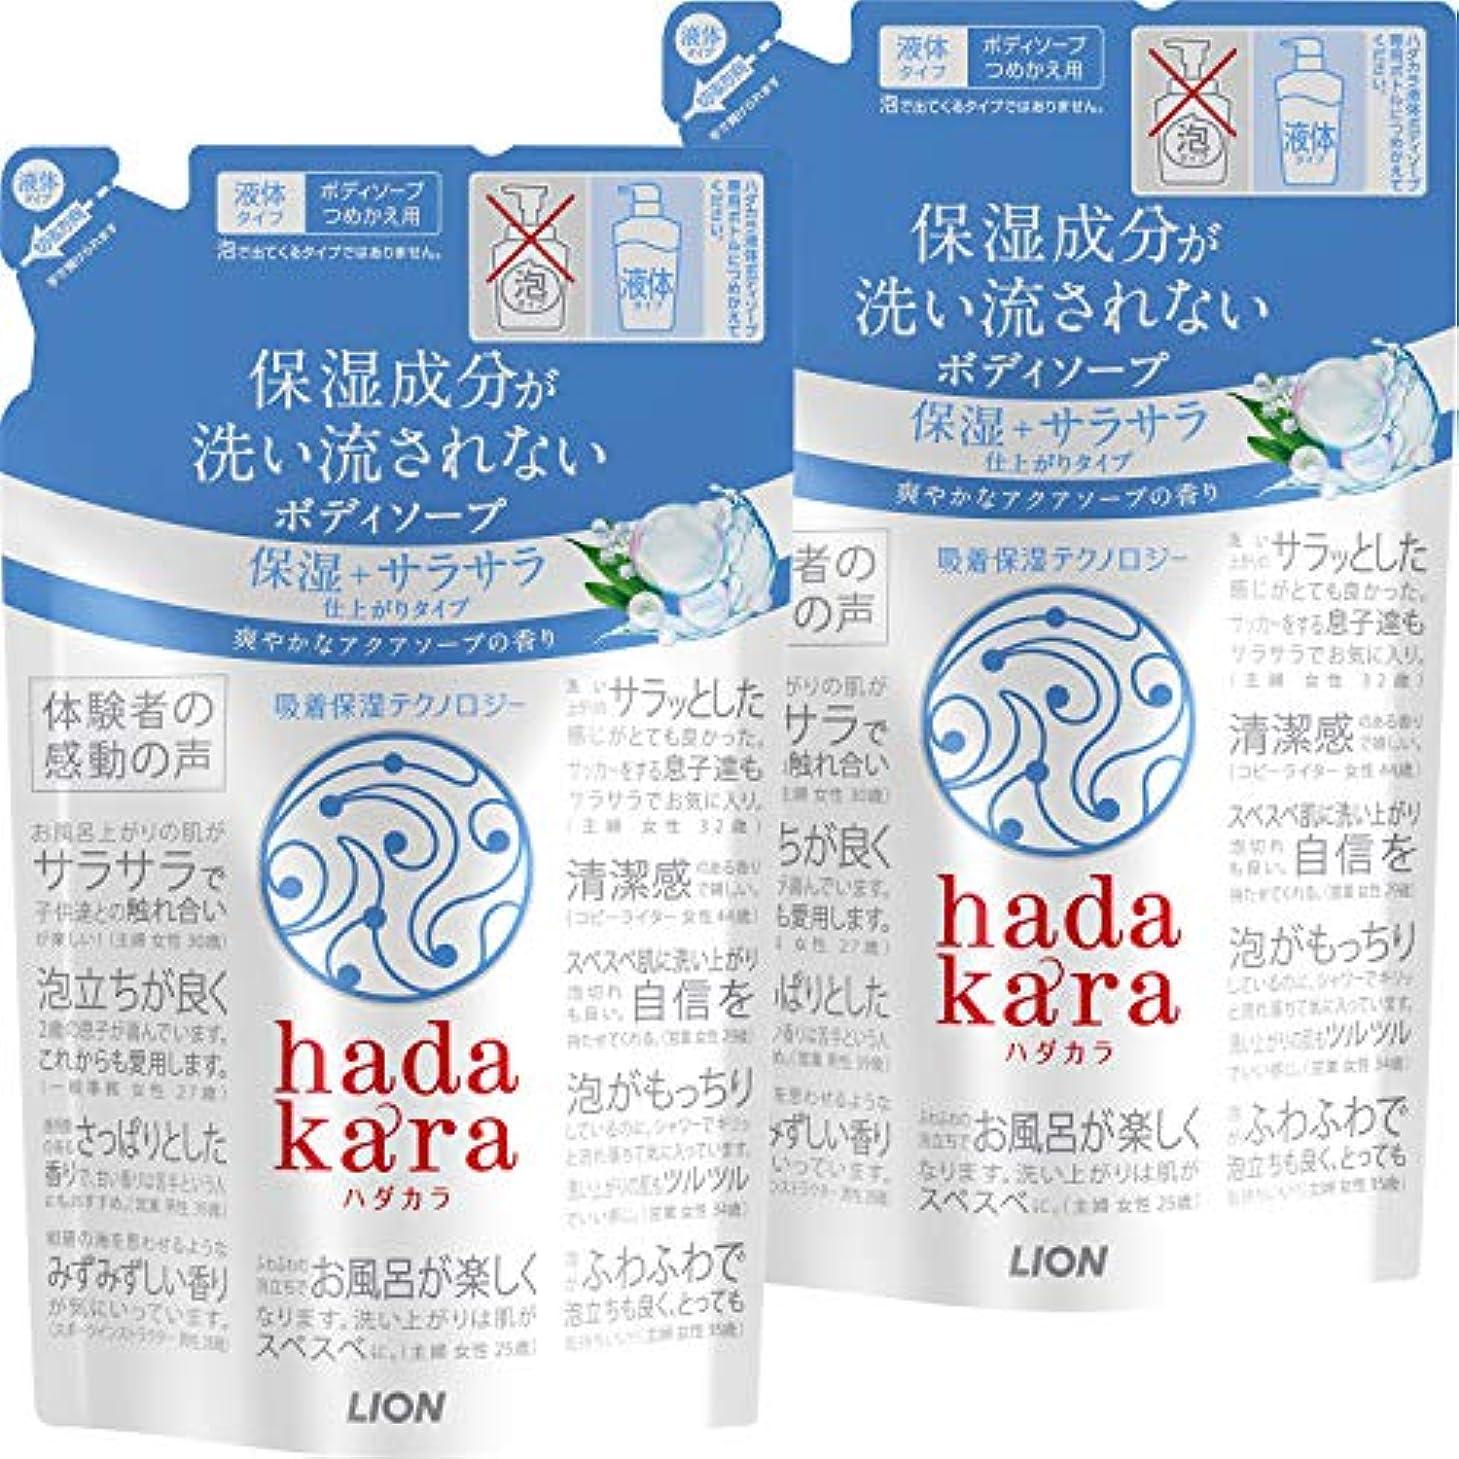 ネーピア感謝する葉巻hadakara(ハダカラ)ボディソープ 保湿+サラサラ仕上がりタイプ アクアソープの香り つめかえ用 340ml×2個パック